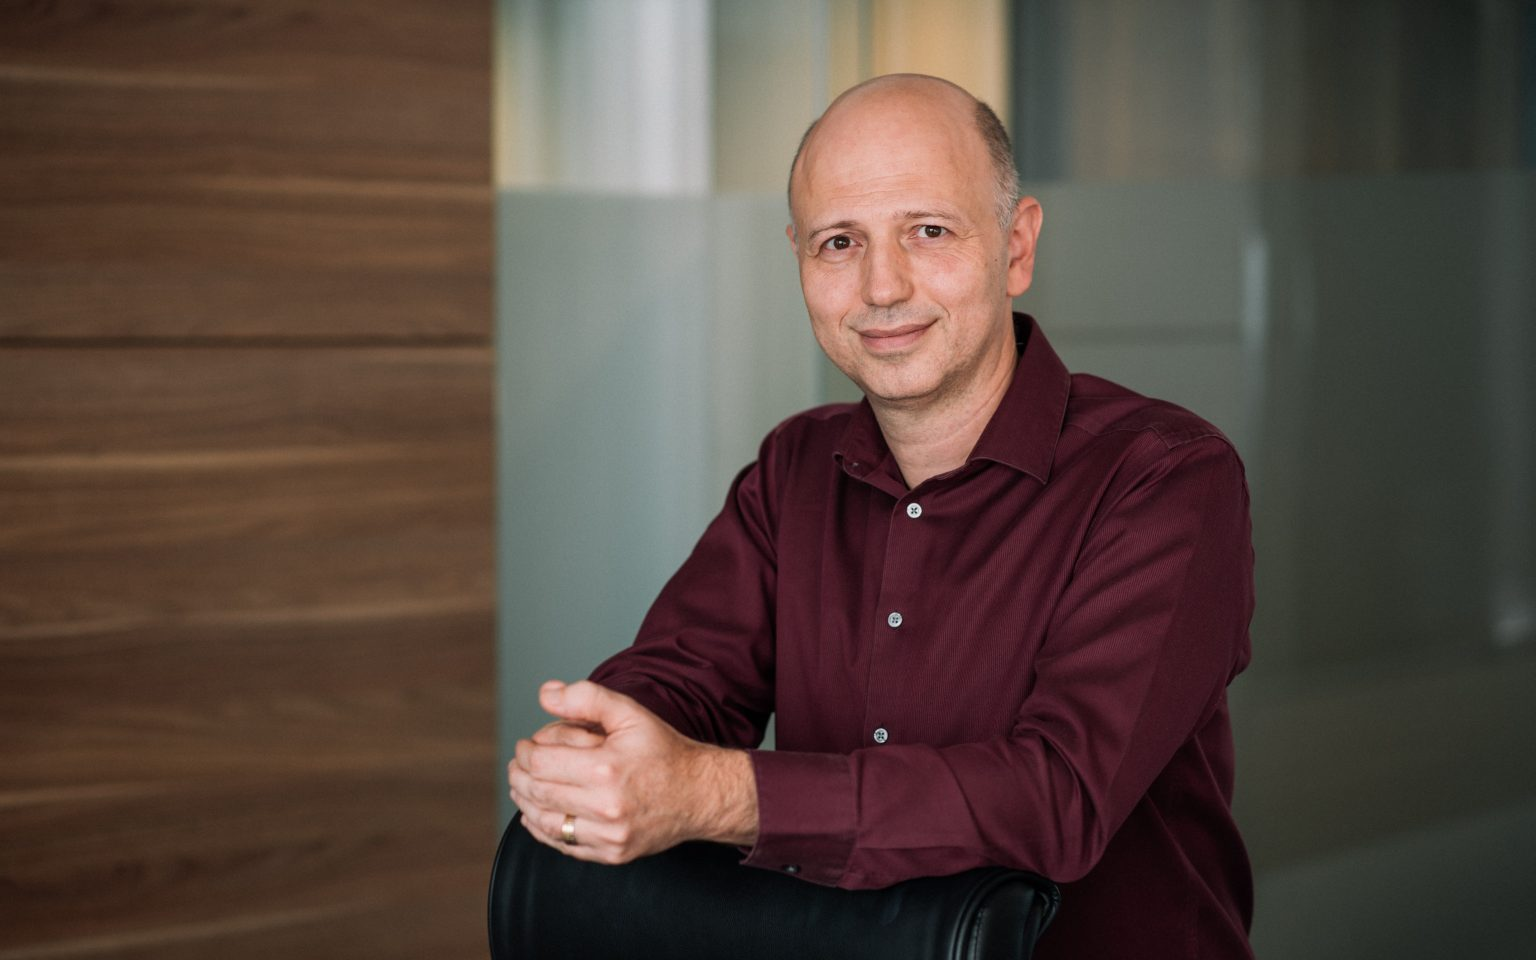 Radu Georgescu, antreprenor in serie, devine partener si membru al boardului SeedBlink